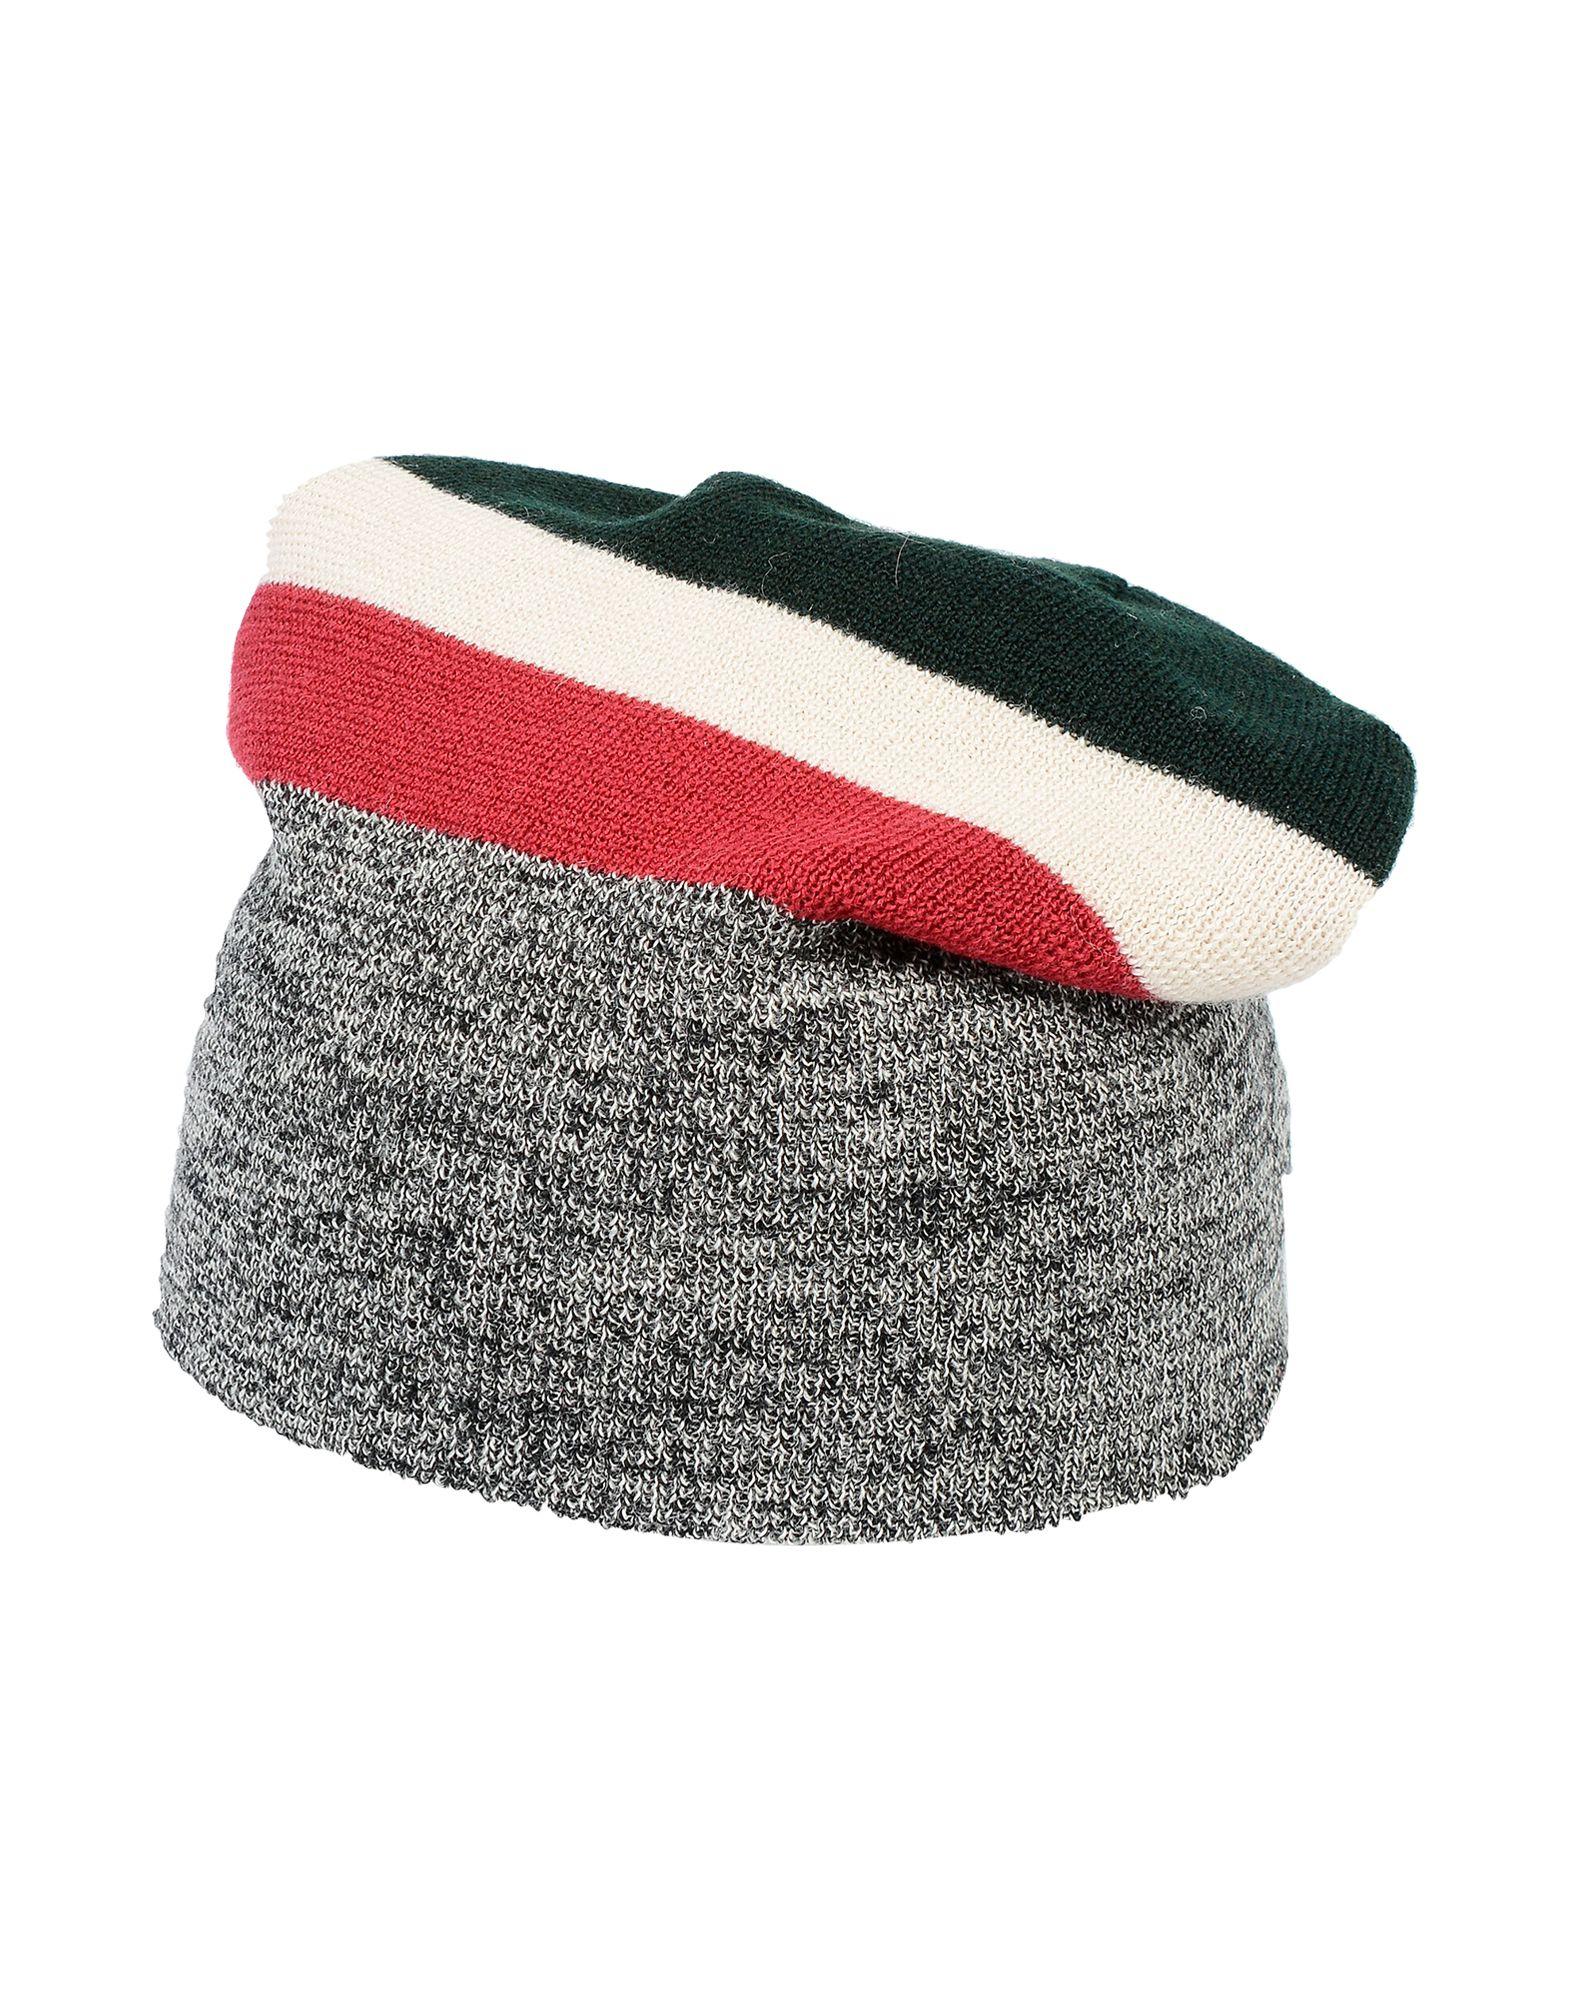 《期間限定セール中》ISABEL MARANT? TOILE メンズ 帽子 ダークグリーン one size ウール 100%